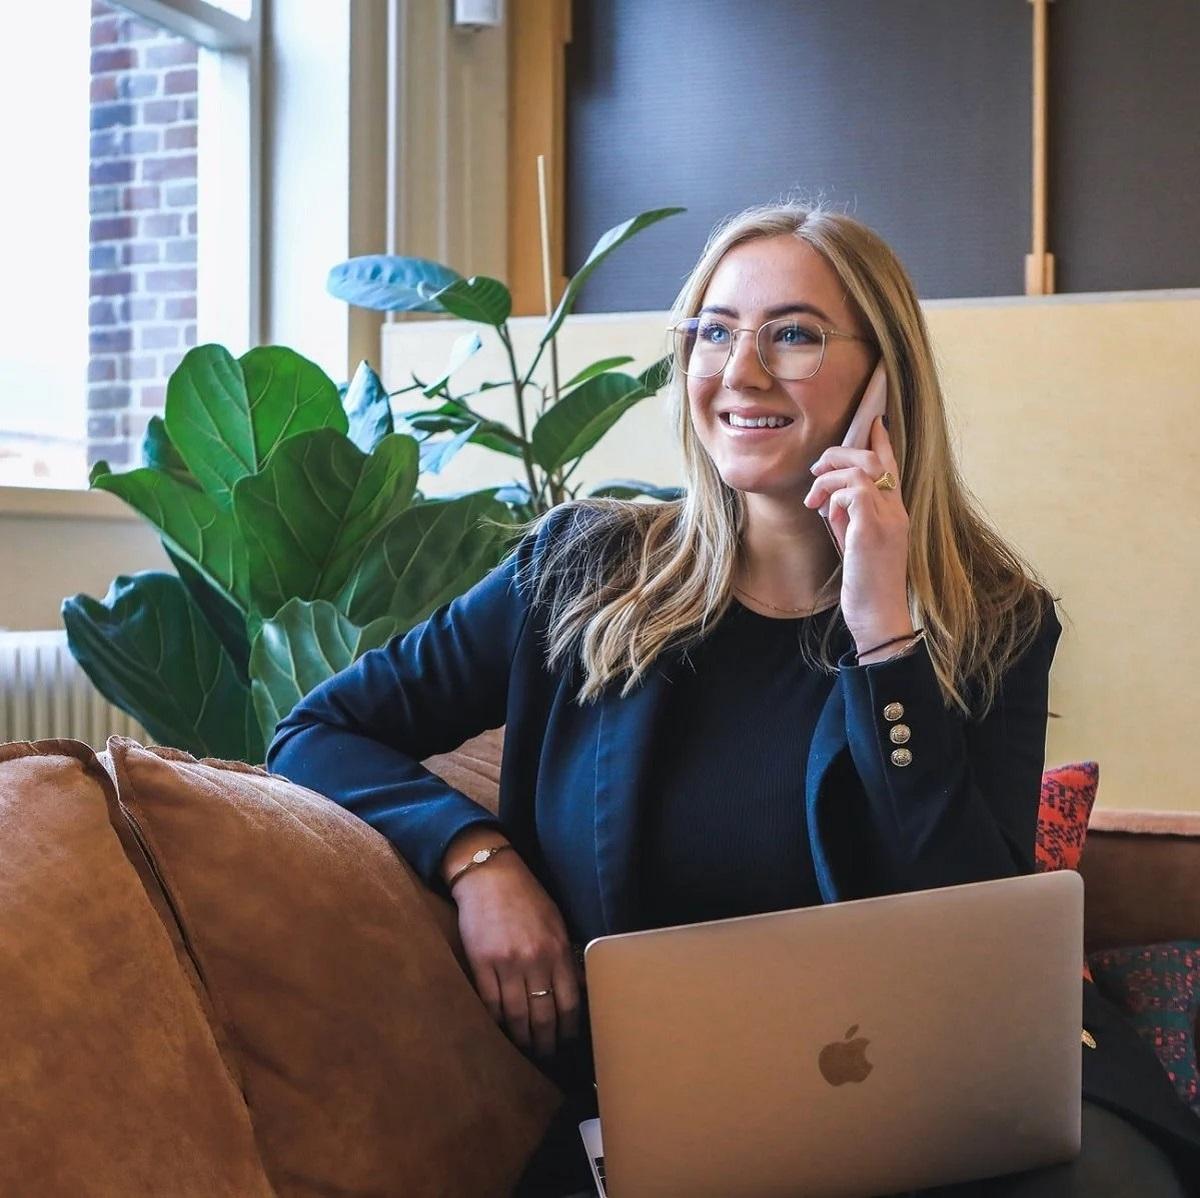 Afaceri online - fonduri europene pentru tineri antreprenori